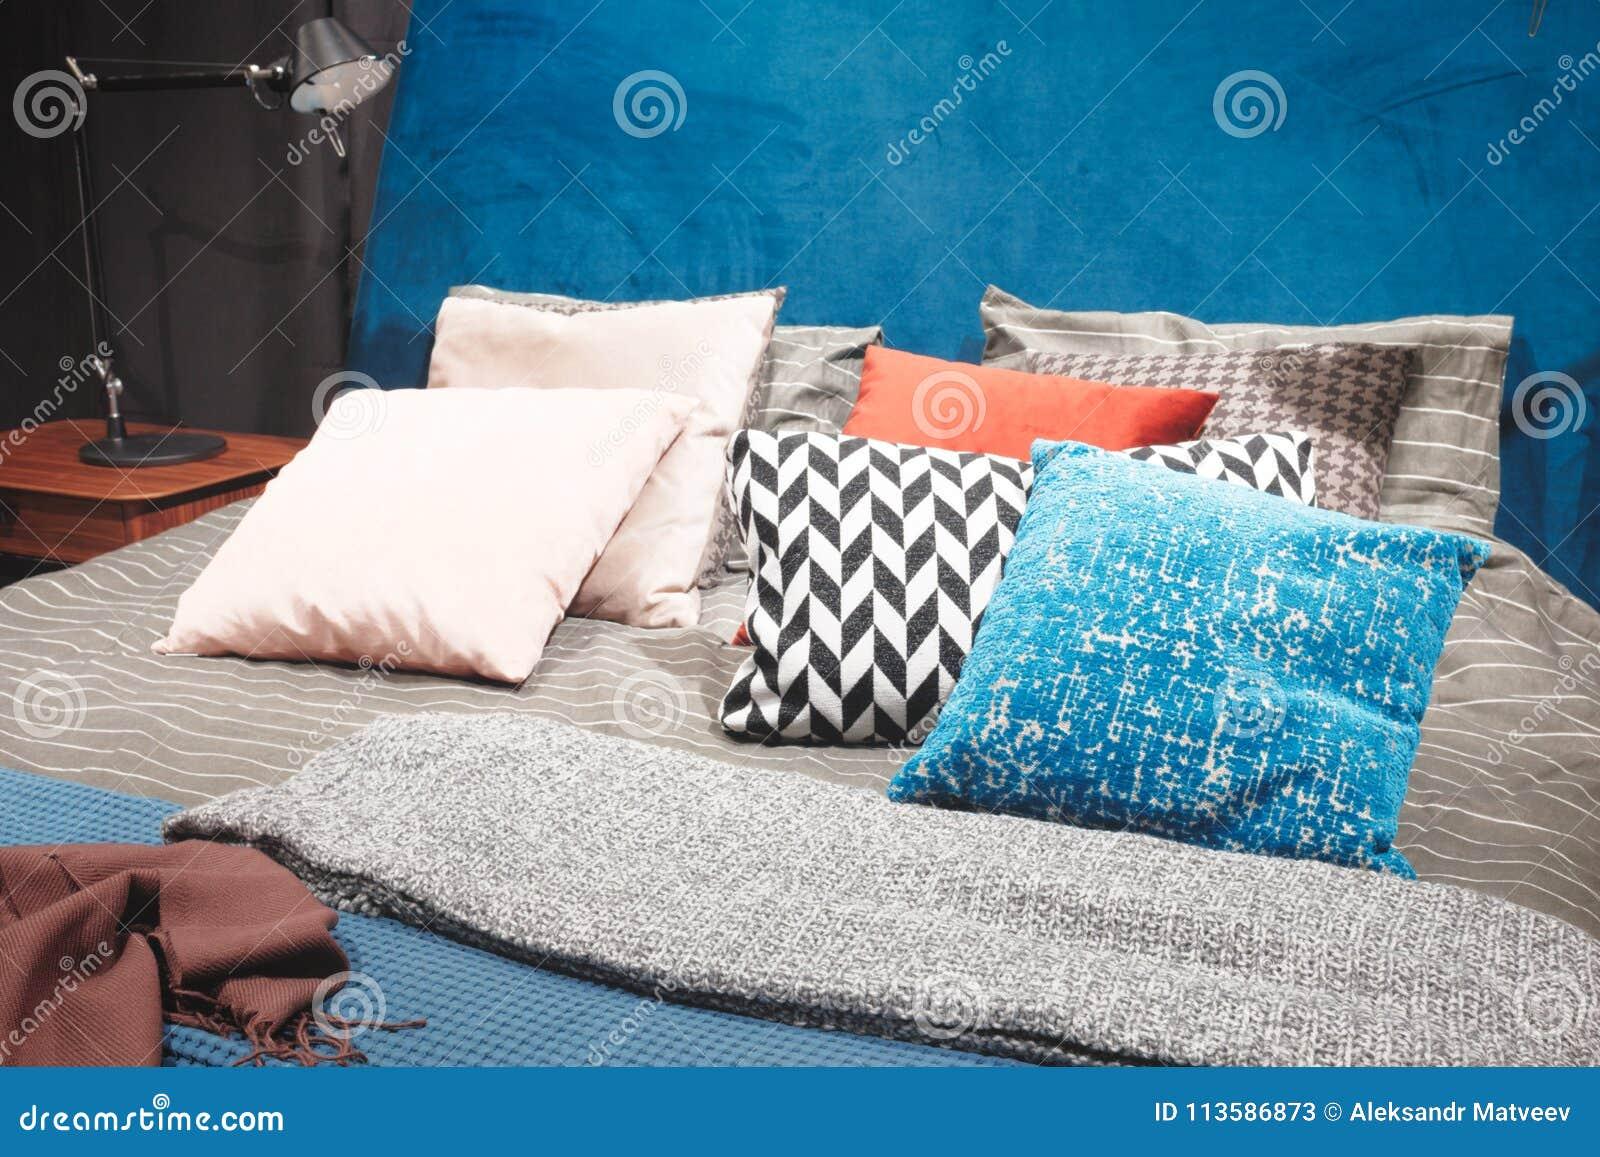 Roze Grijze Slaapkamer : Slaapkamer van de luxe de moderne stijl in roze grijze en blauwe